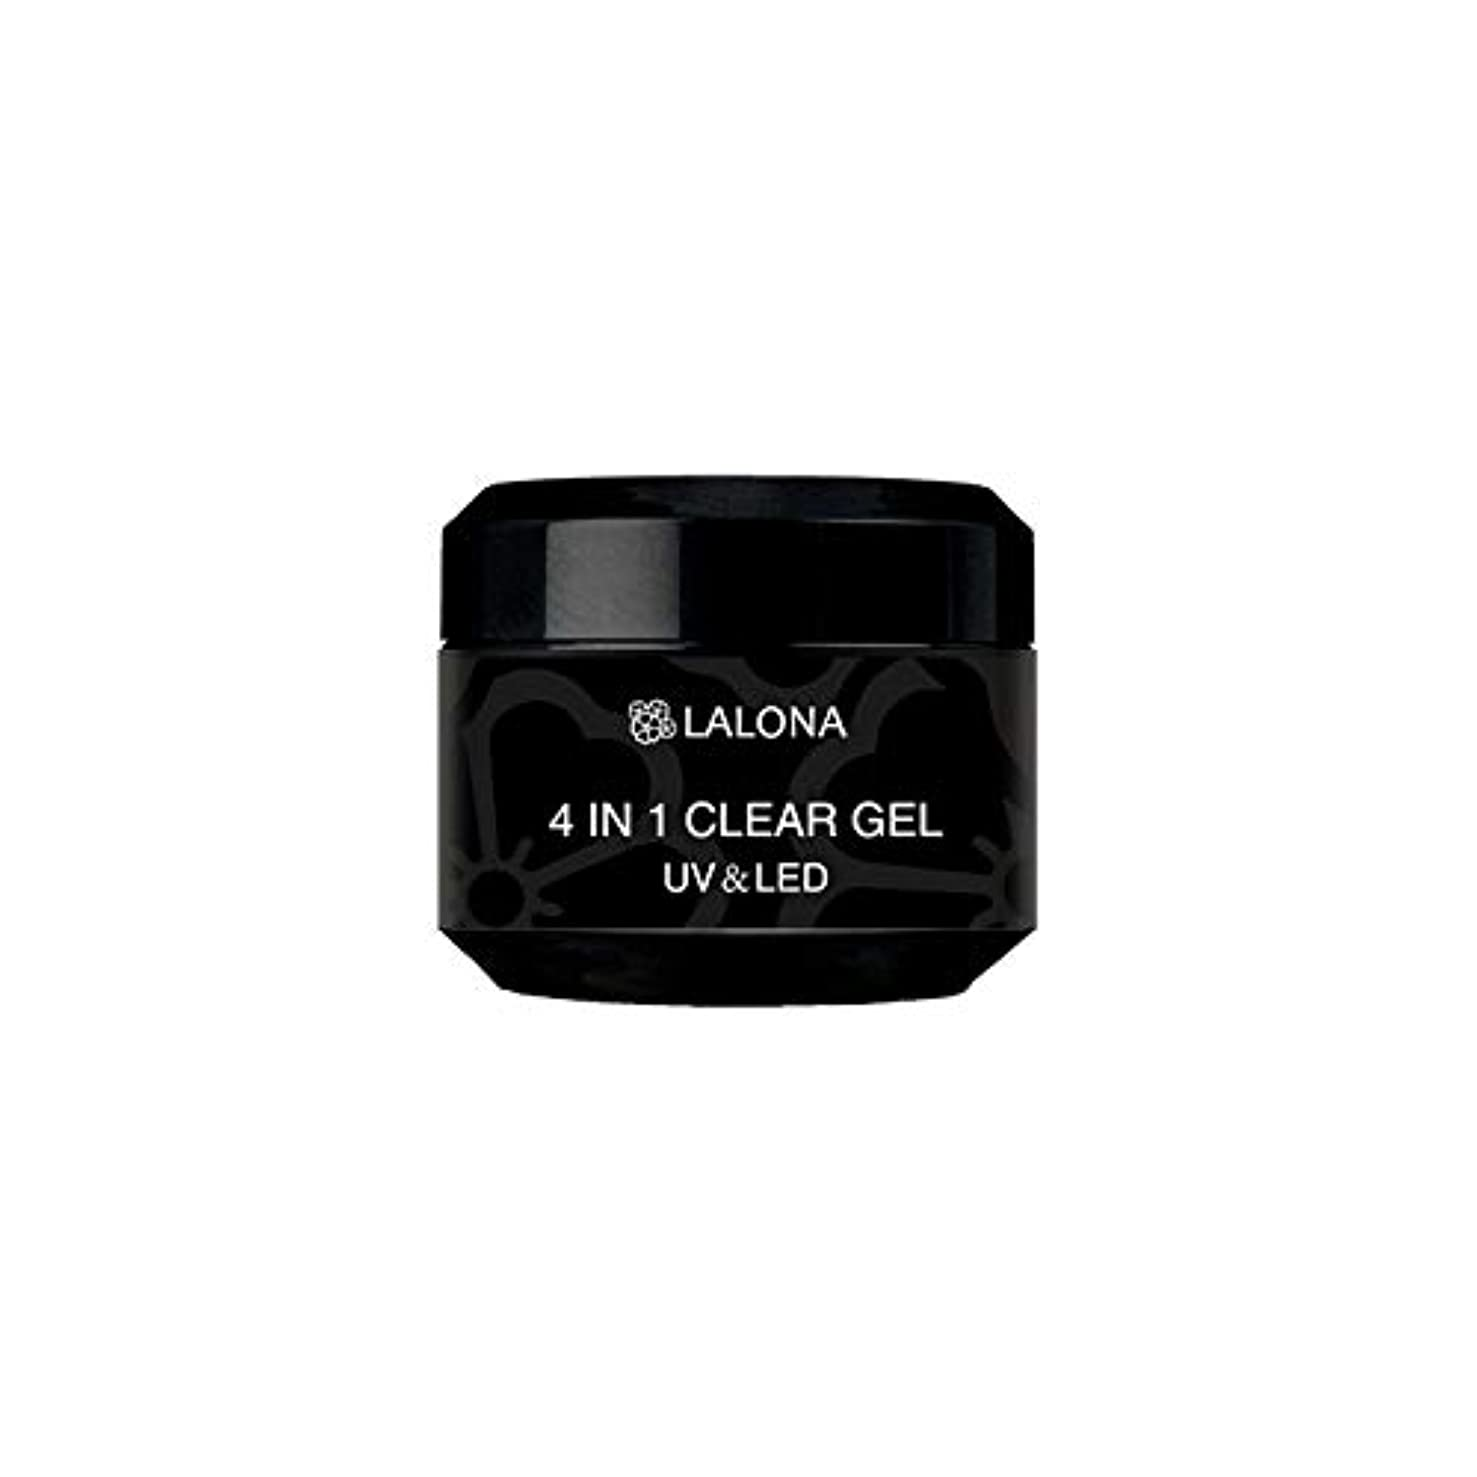 別れるホールドオールを通してLALONA [ ラローナ ] 4in1クリアジェル (30g) ジェルネイル セミハード オールインワンジェル ベース トップ 長さだし 多機能ジェル